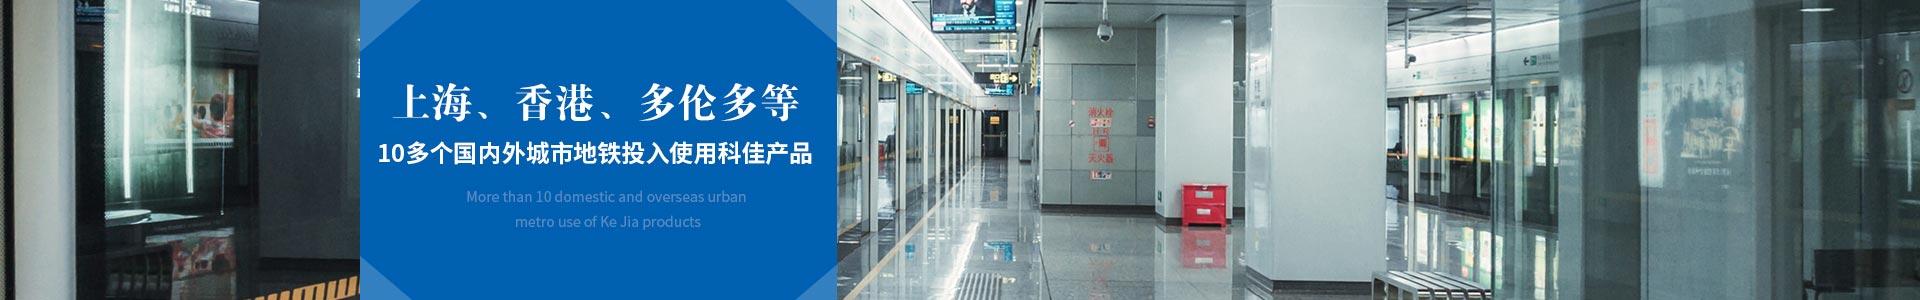 10多个国内外城市地铁投入使用科佳产品